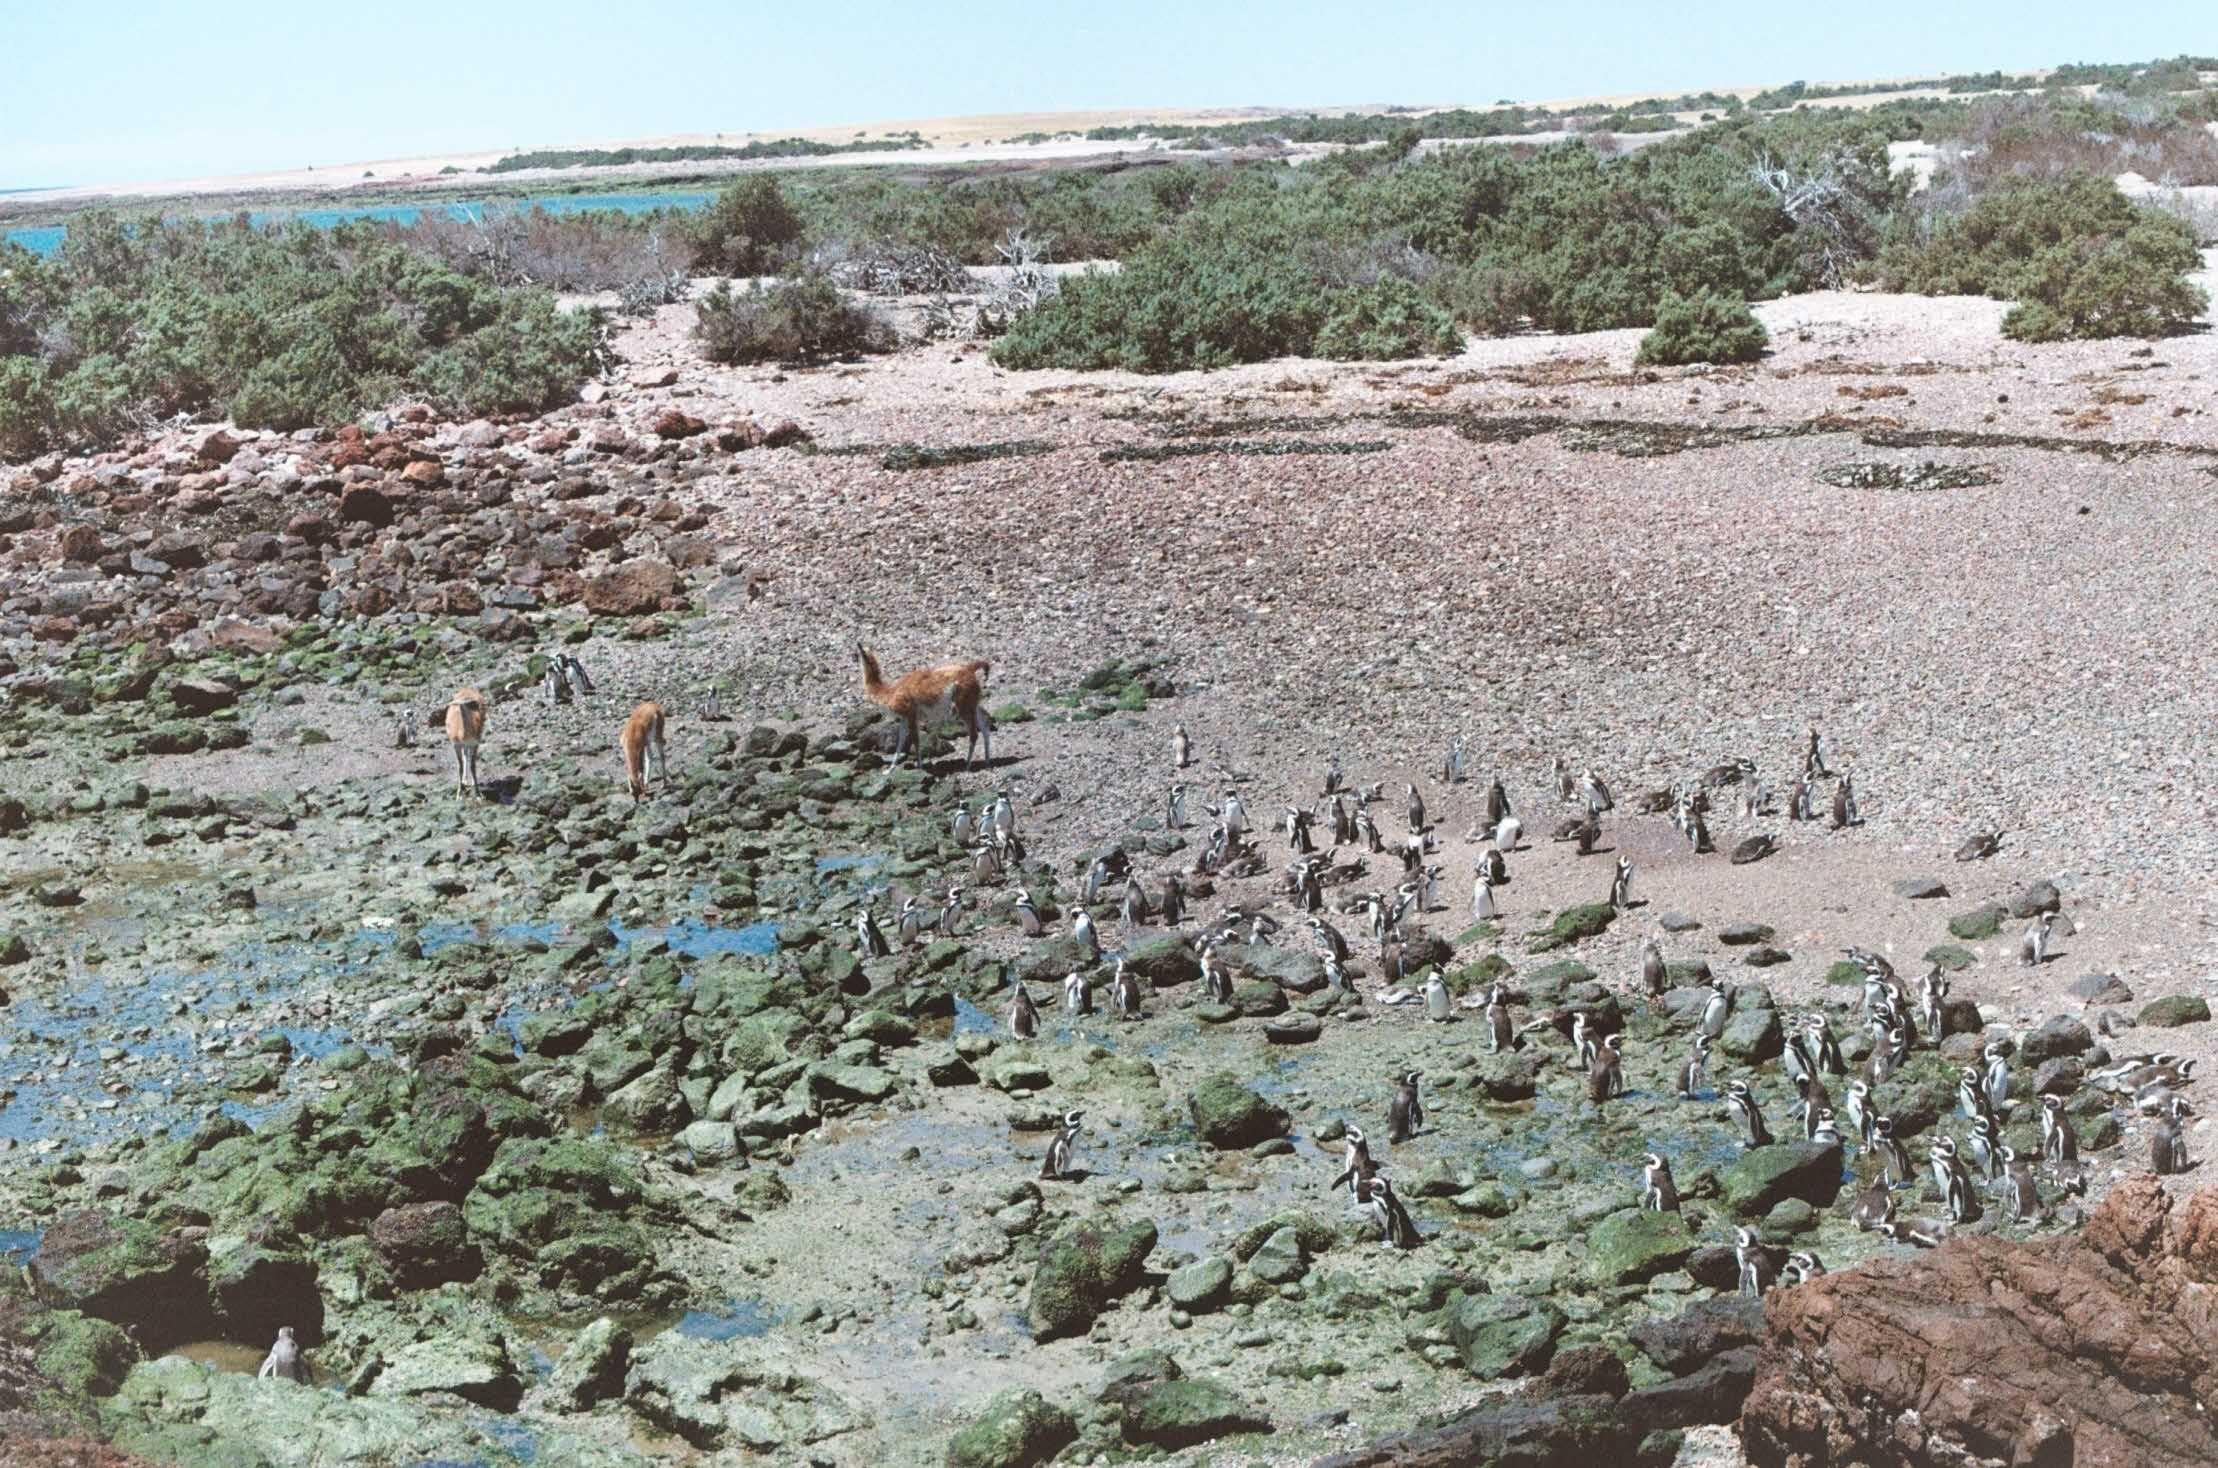 Patagônia e a Terra do Fogo - Puerto Madryn